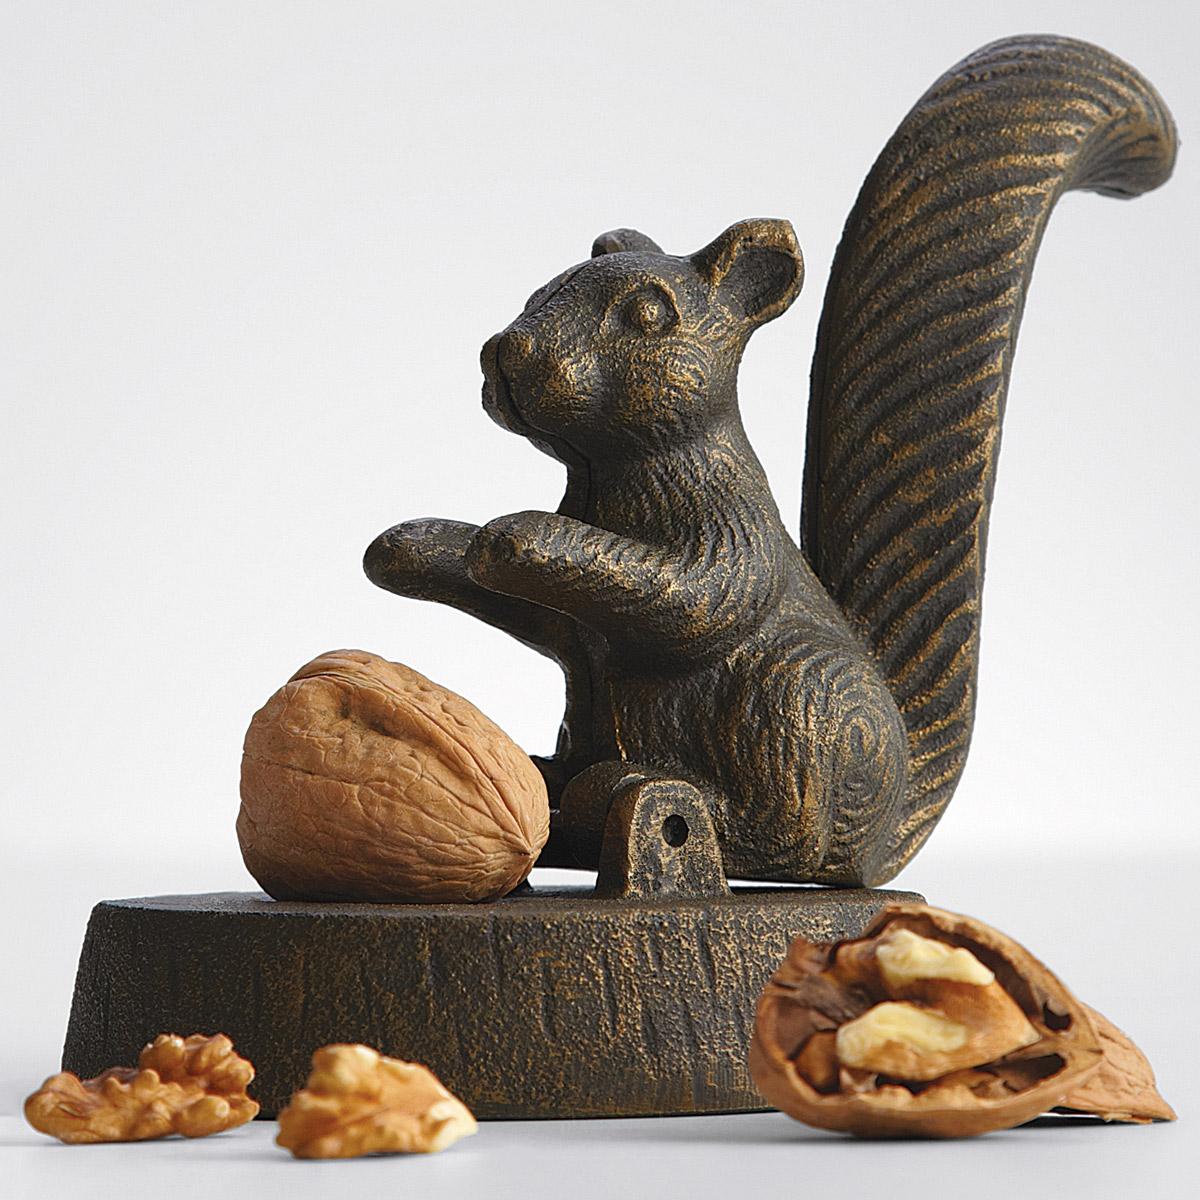 Vintage Squirrel Nutcracker